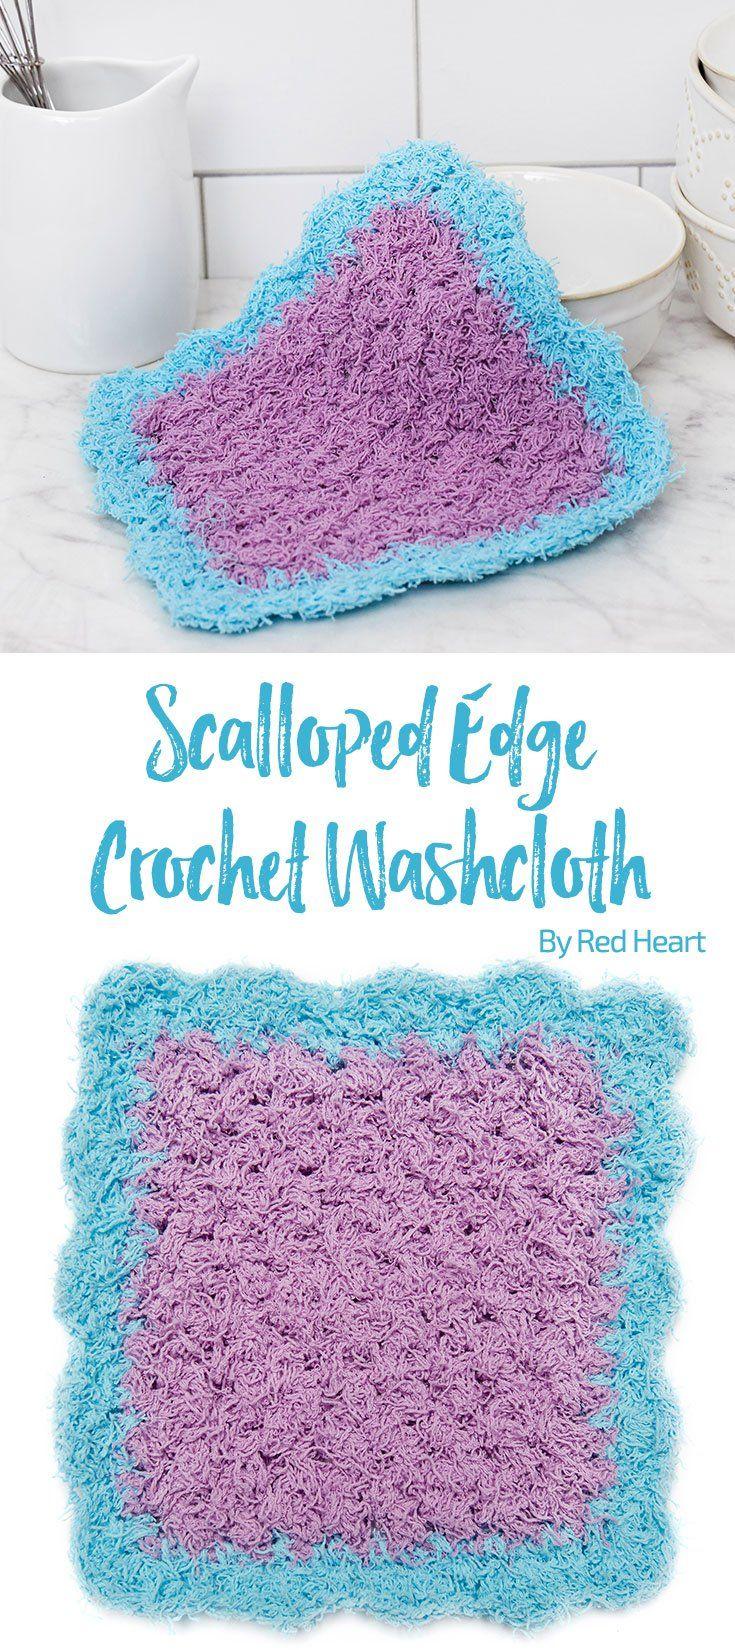 Best 25 crochet dish scrubber ideas on pinterest crochet scalloped edge crochet washcloth free crochet pattern in scrubby cotton yarn bankloansurffo Gallery